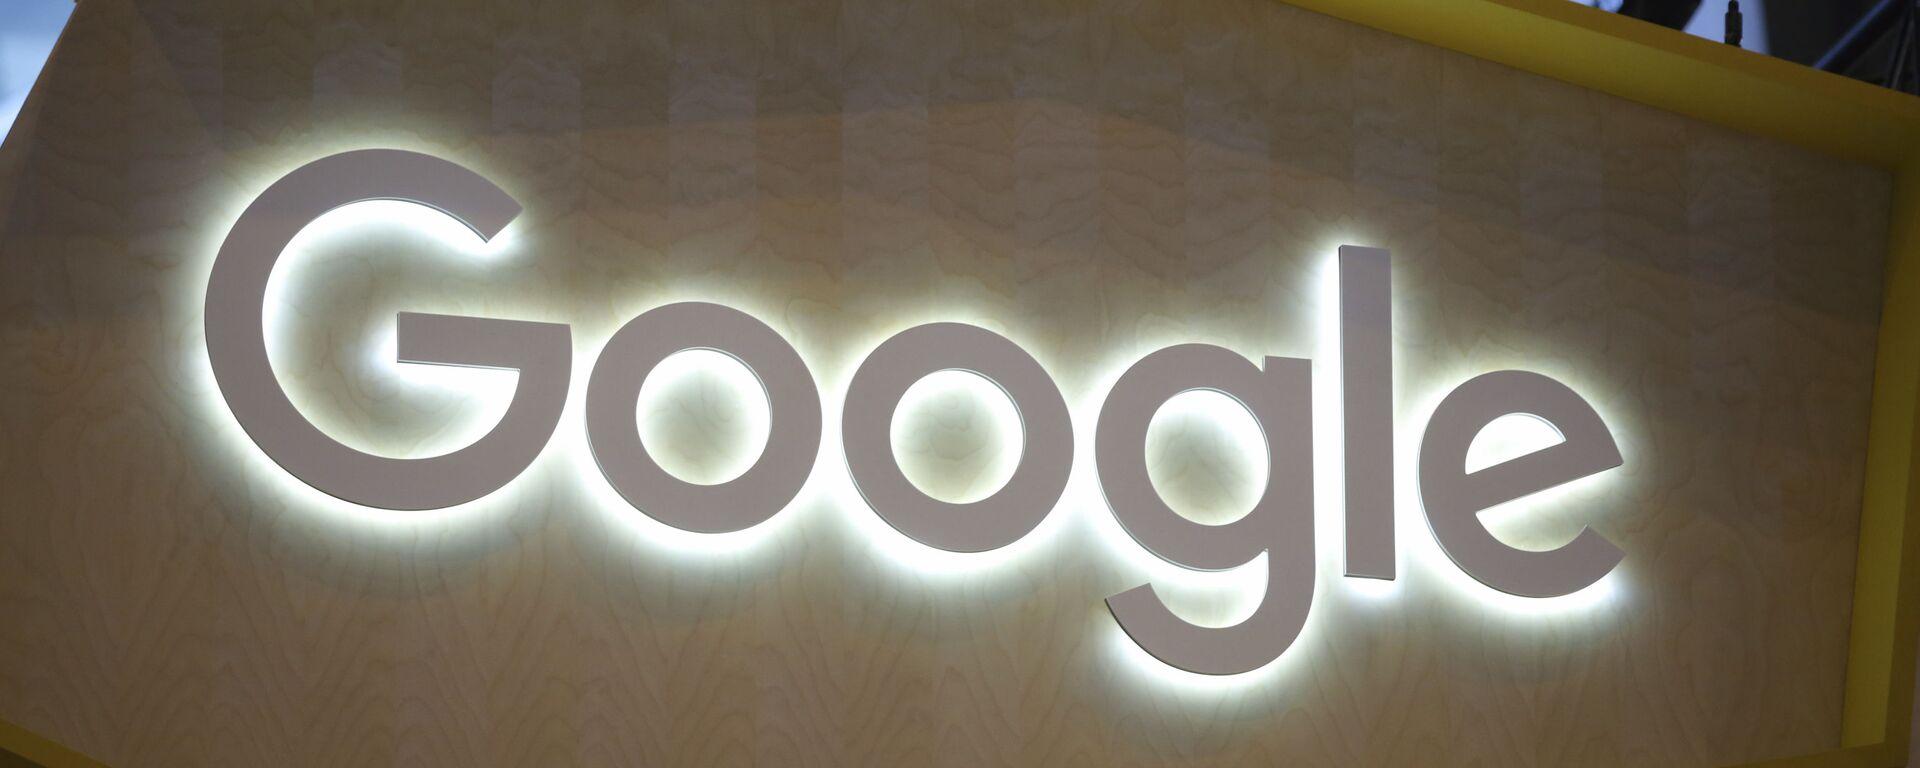 Google logo - Sputnik Česká republika, 1920, 08.07.2021